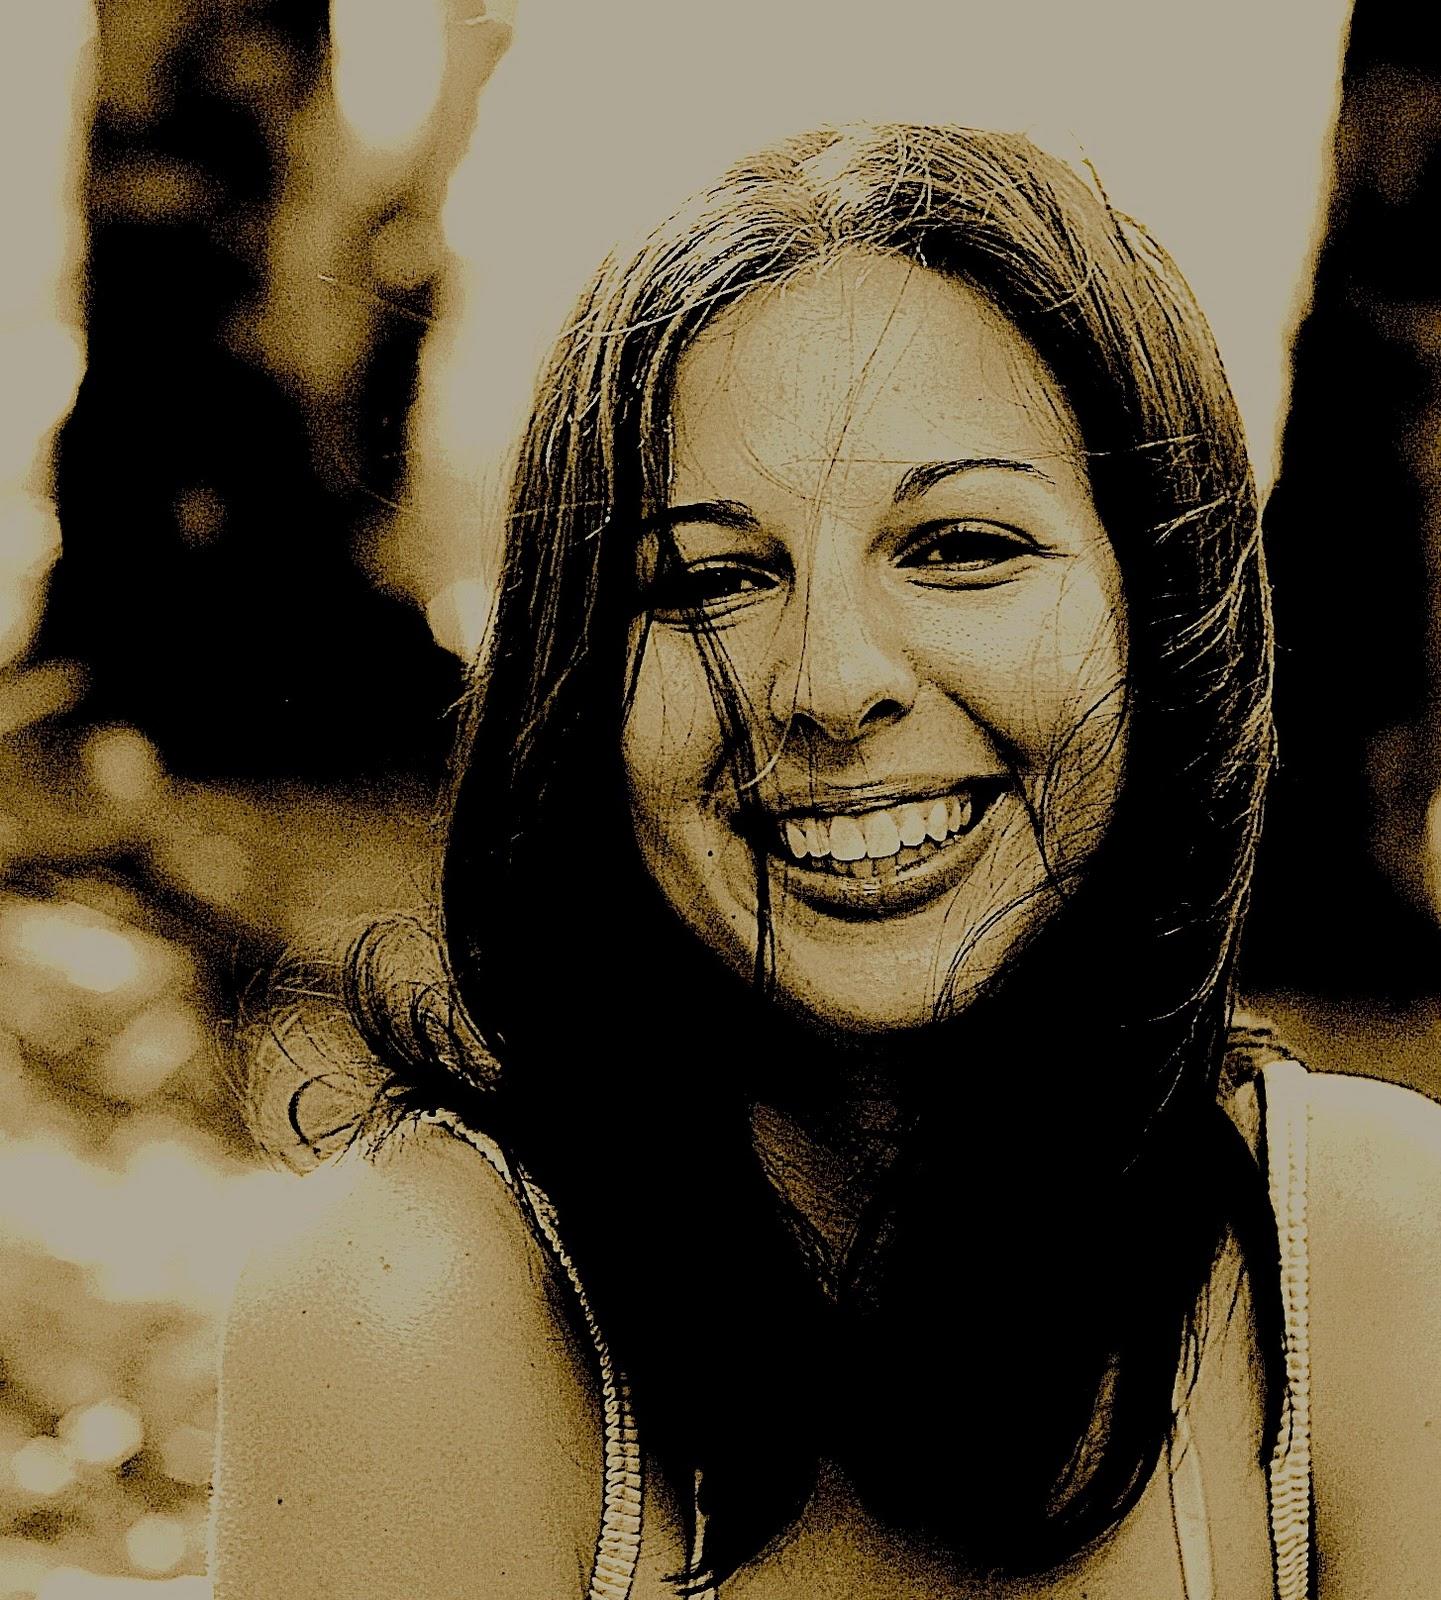 http://3.bp.blogspot.com/_bohyhnwSTjk/TOWtYWEUj-I/AAAAAAAABeo/EGHfzXQJL6I/s1600/garrattphoto.jpg